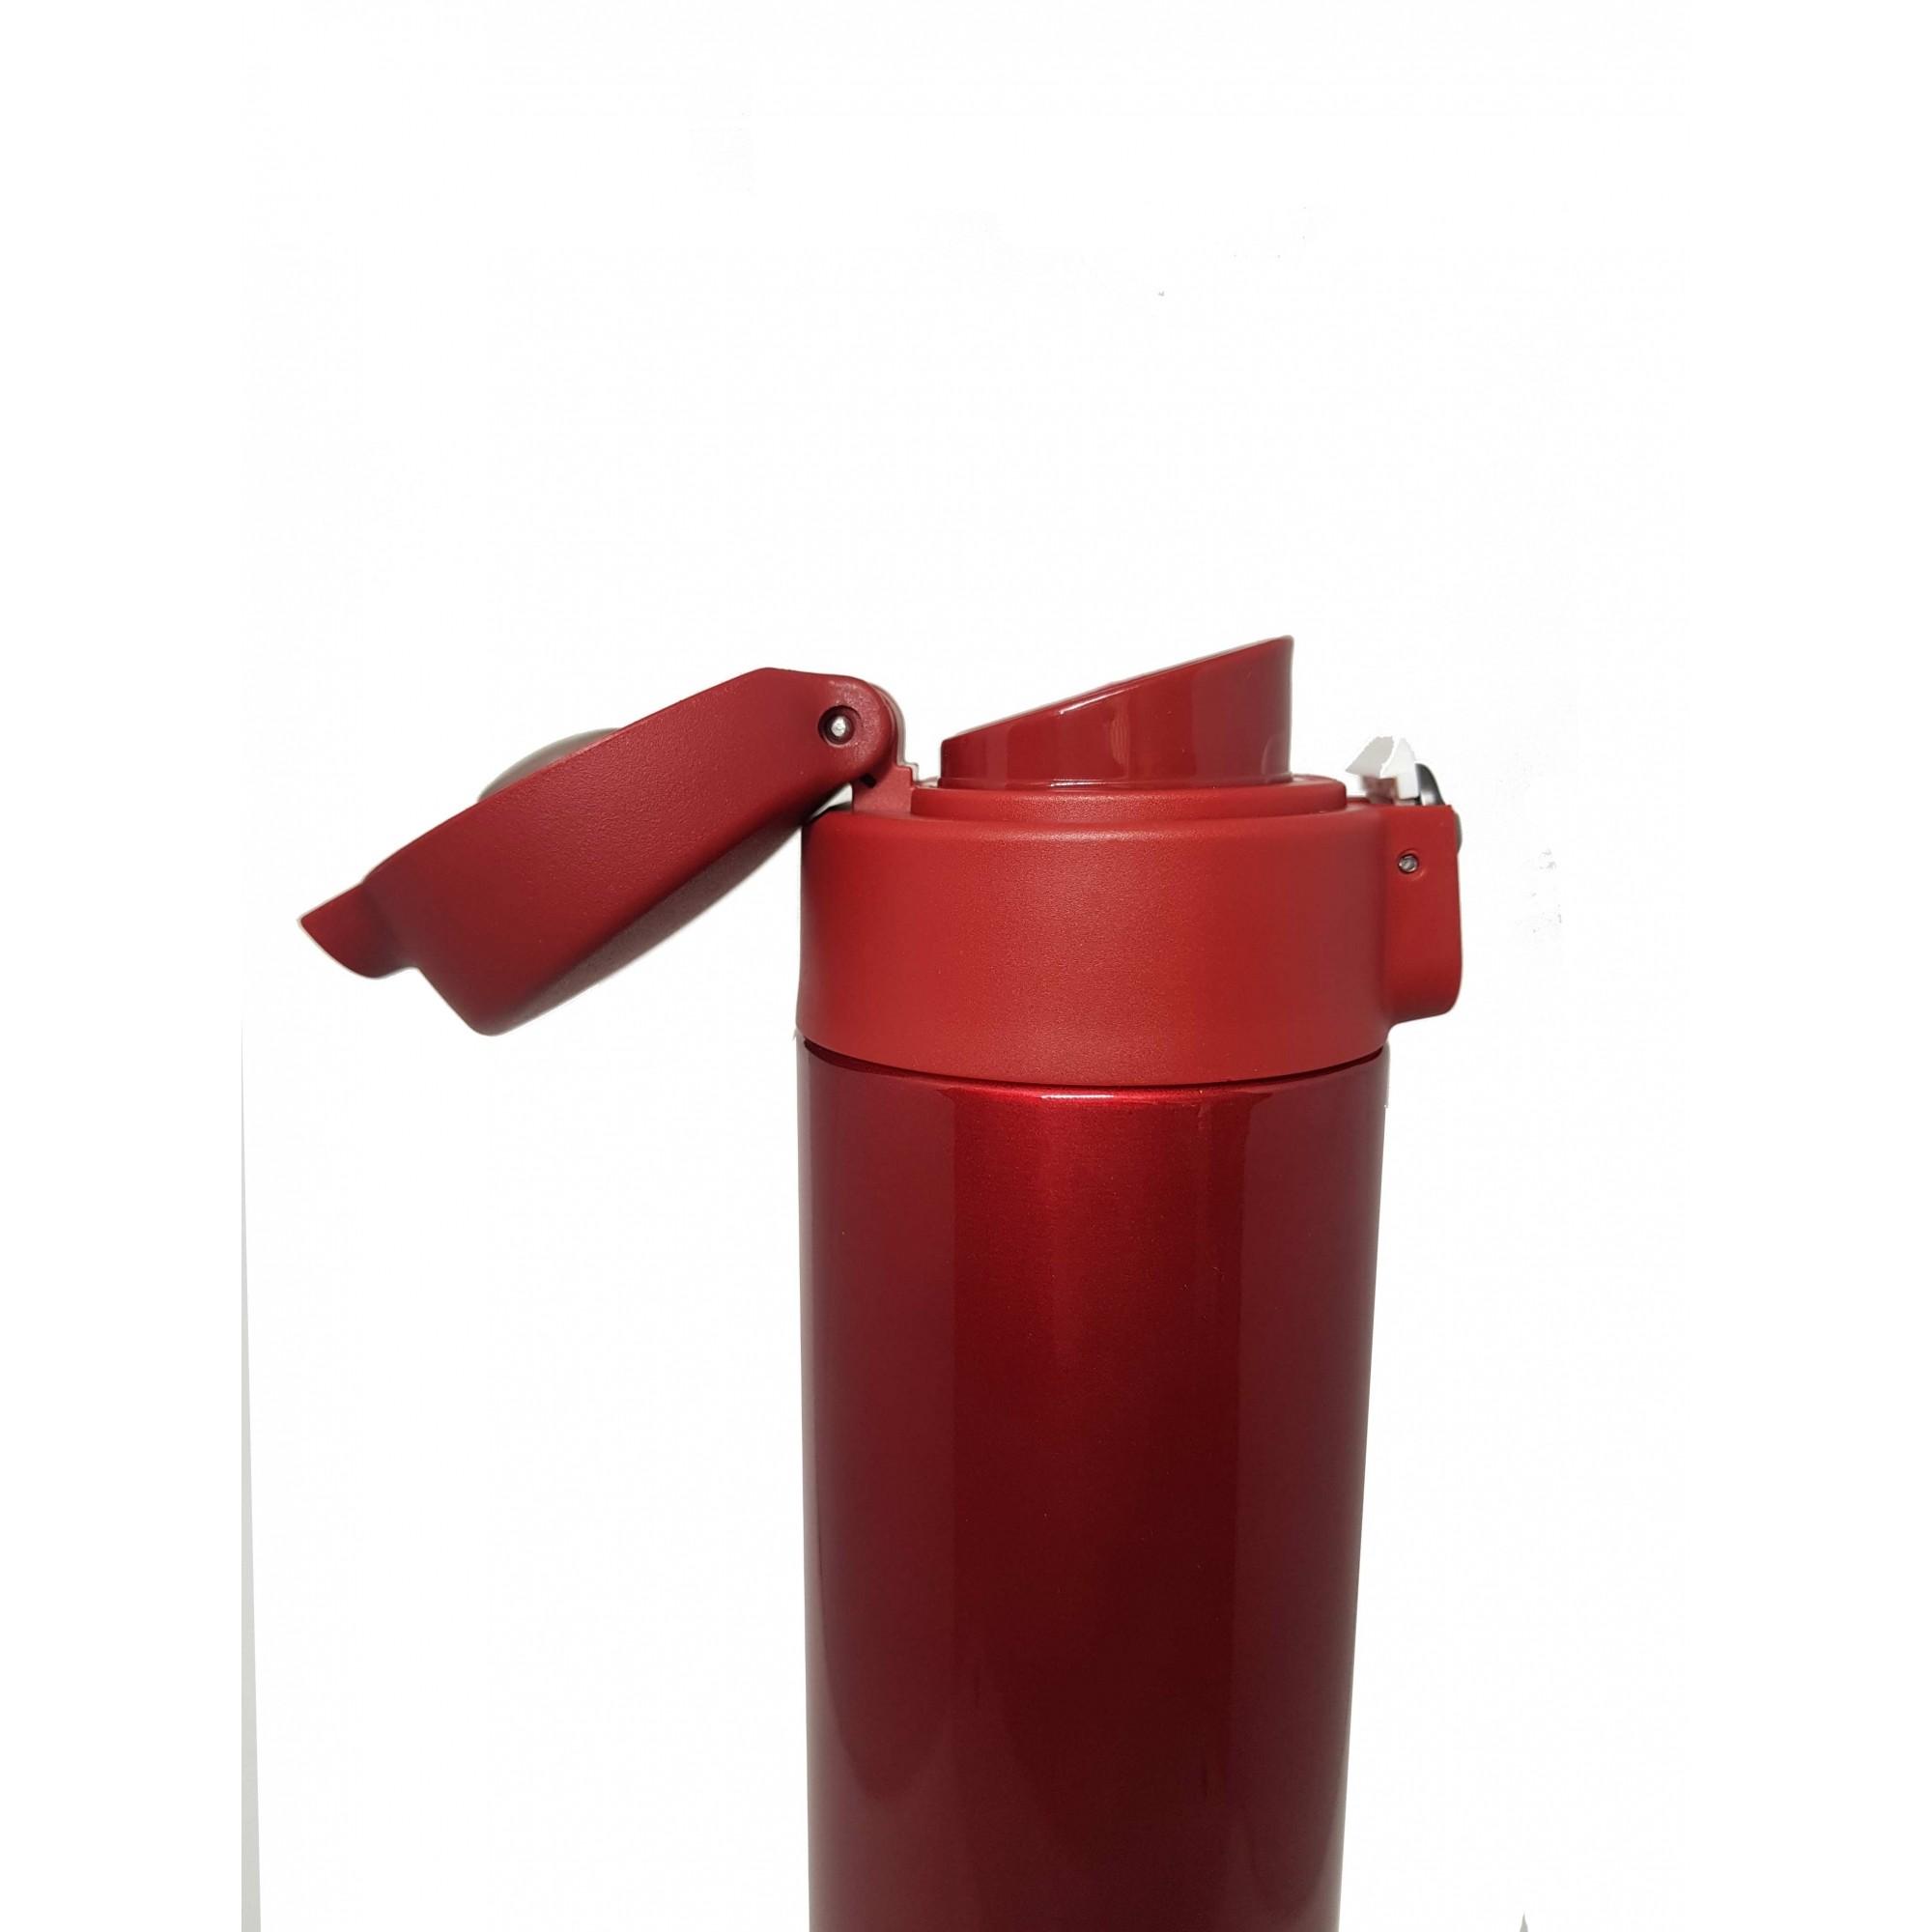 Garrafa Fast Click Vermelha + Canudo Chaveiro Preto